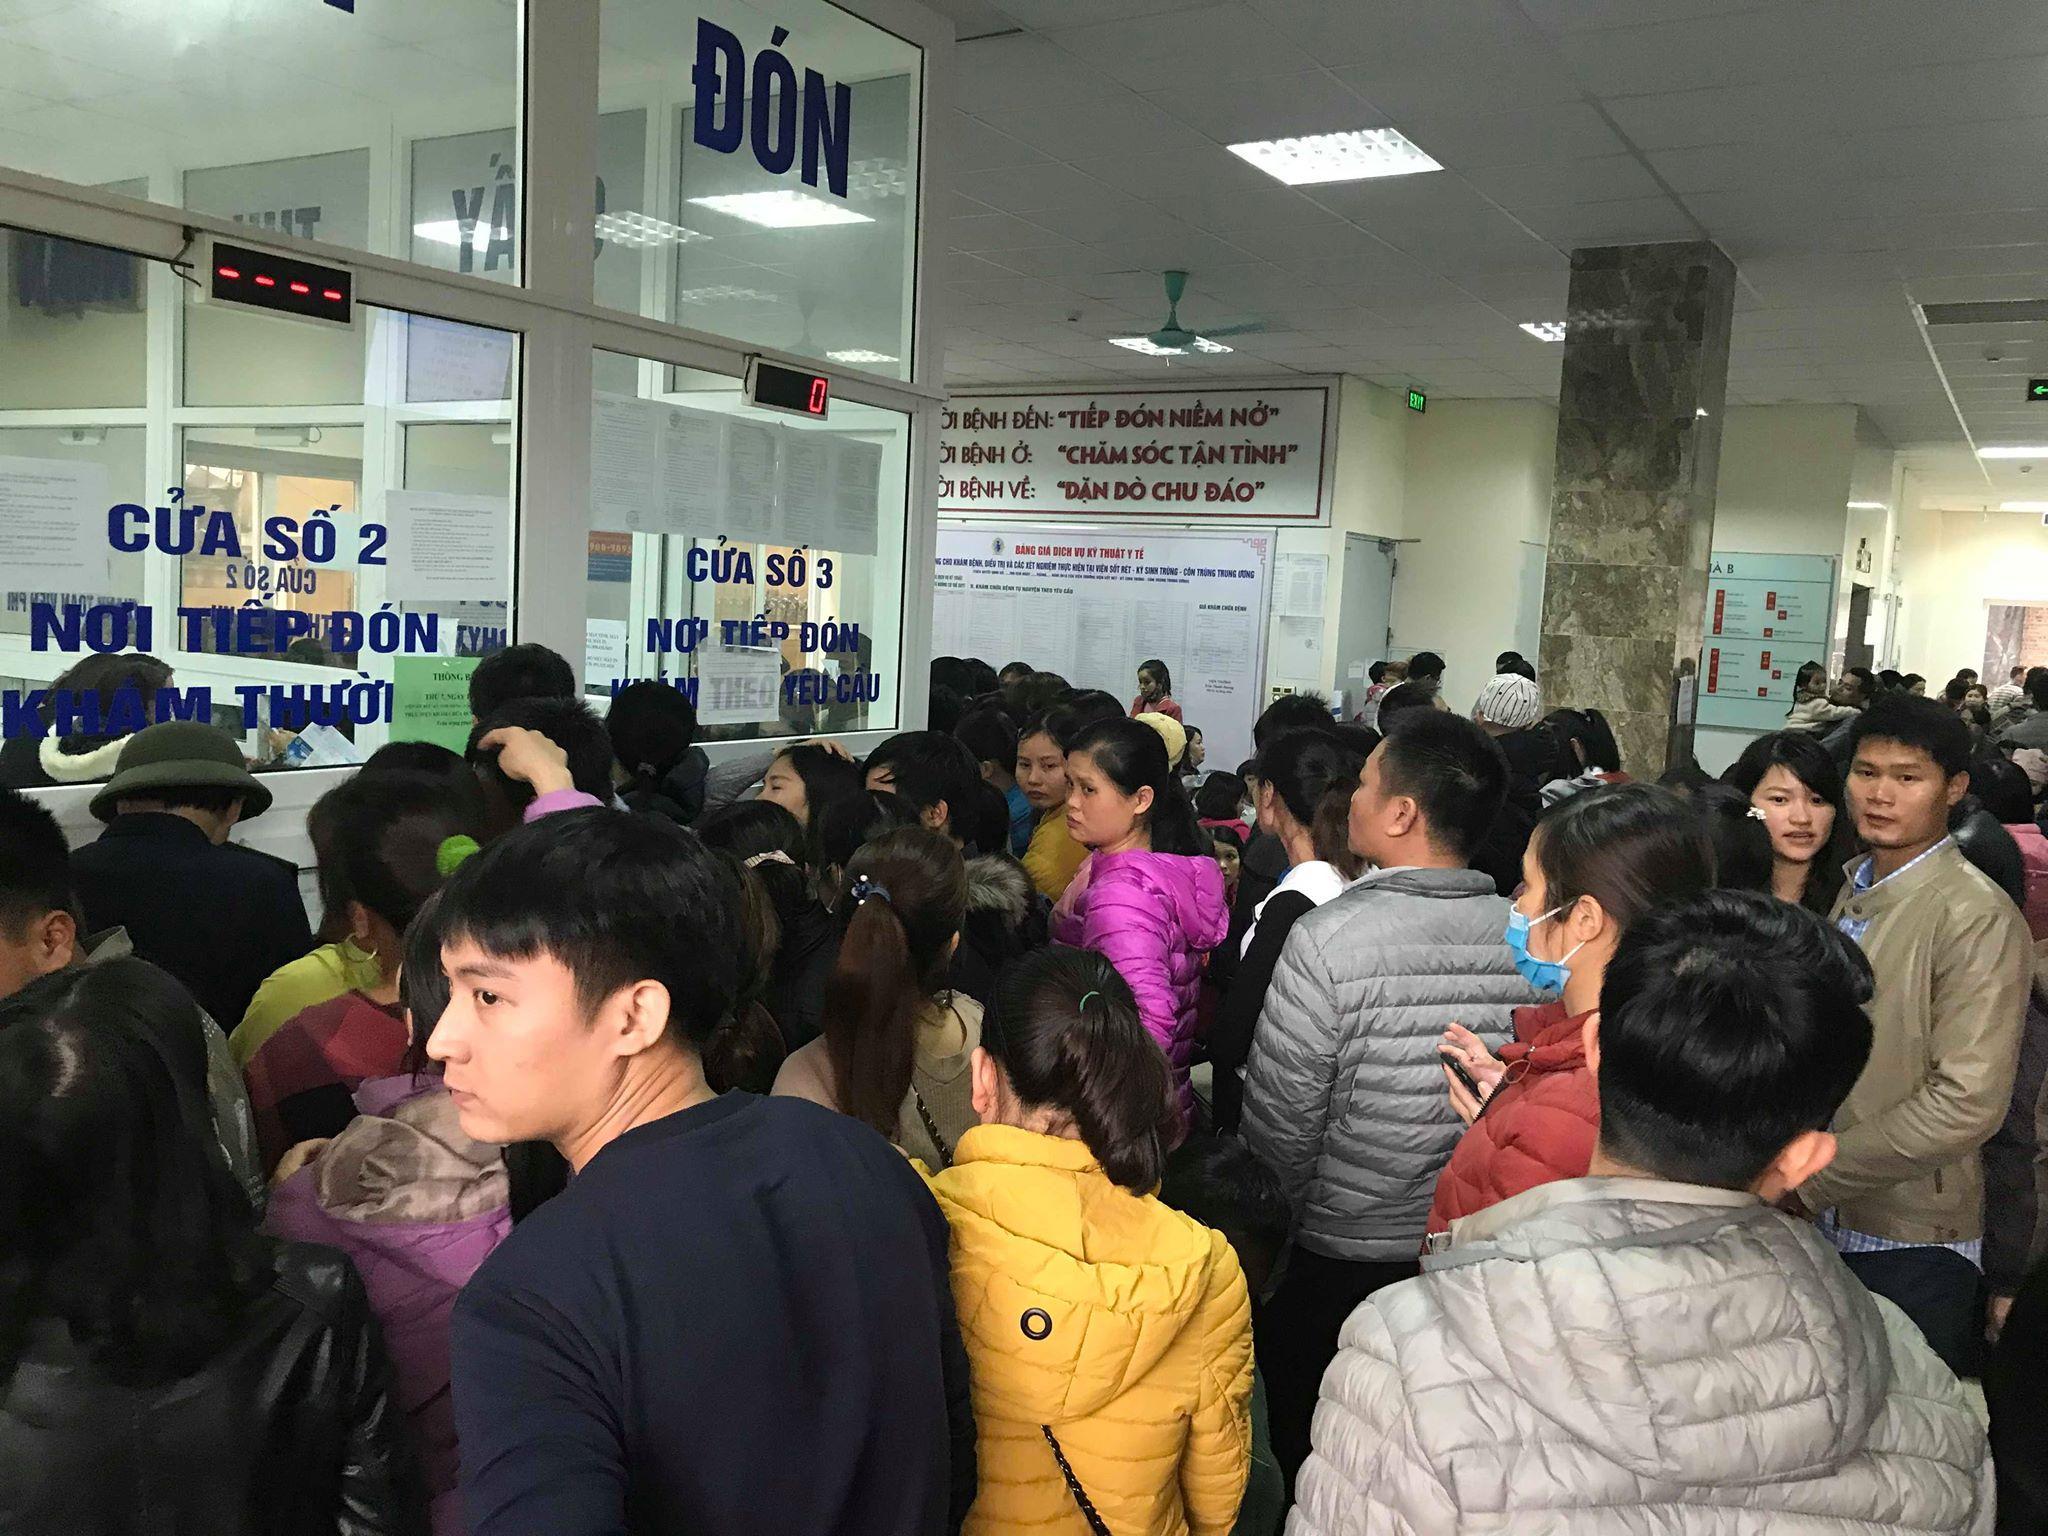 Hàng trăm phụ huynh tiếp tục ôm con vạ vật tại bệnh viện làm thủ tục xét nghiệm vì nghi nhiễm sán lợn Ảnh 5